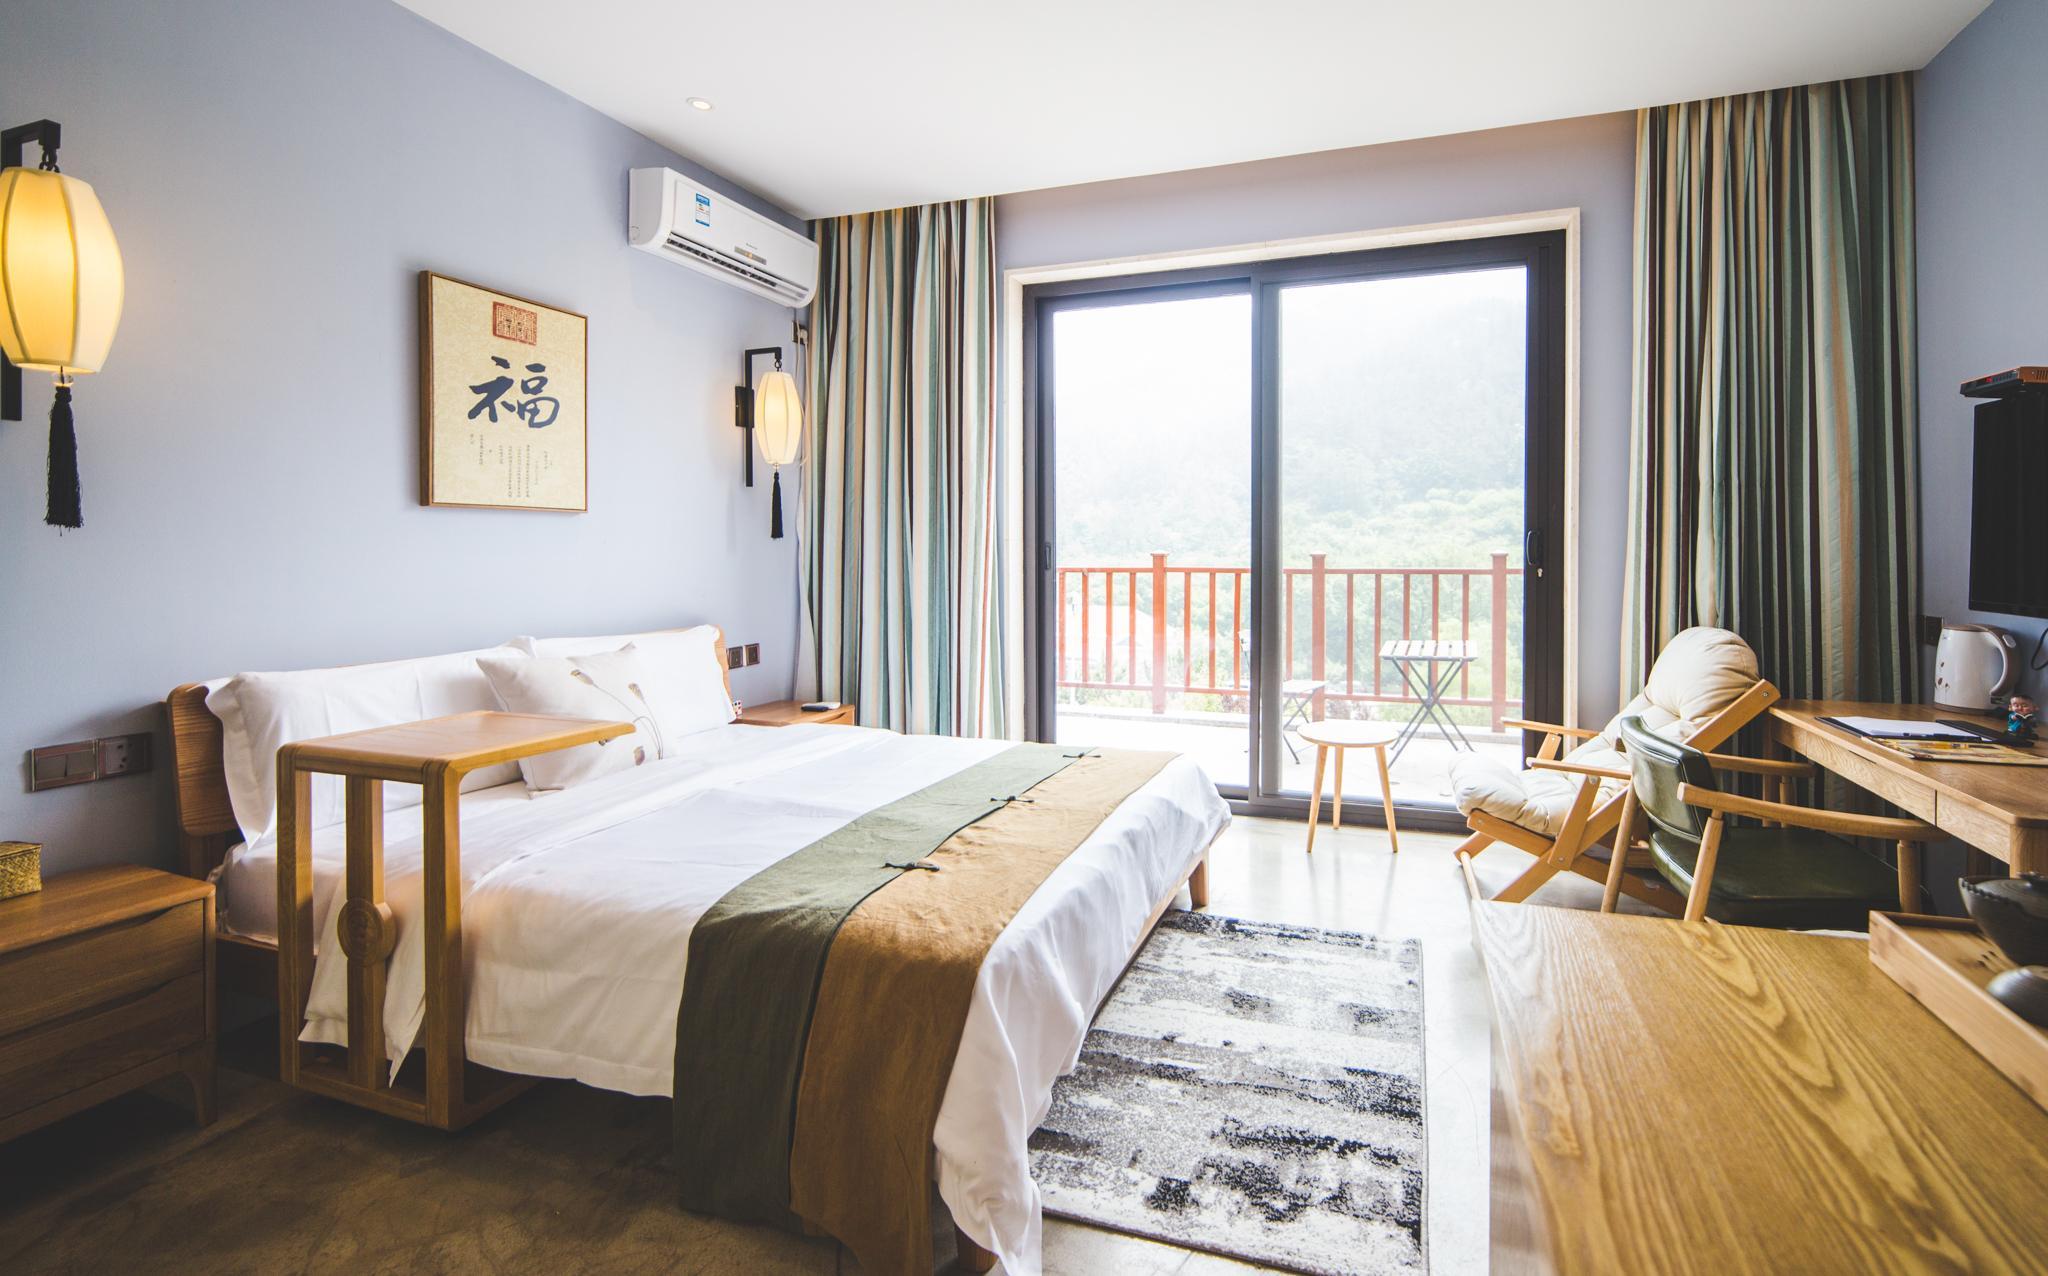 King Room Qingdao 108 Degree Zen Hotel